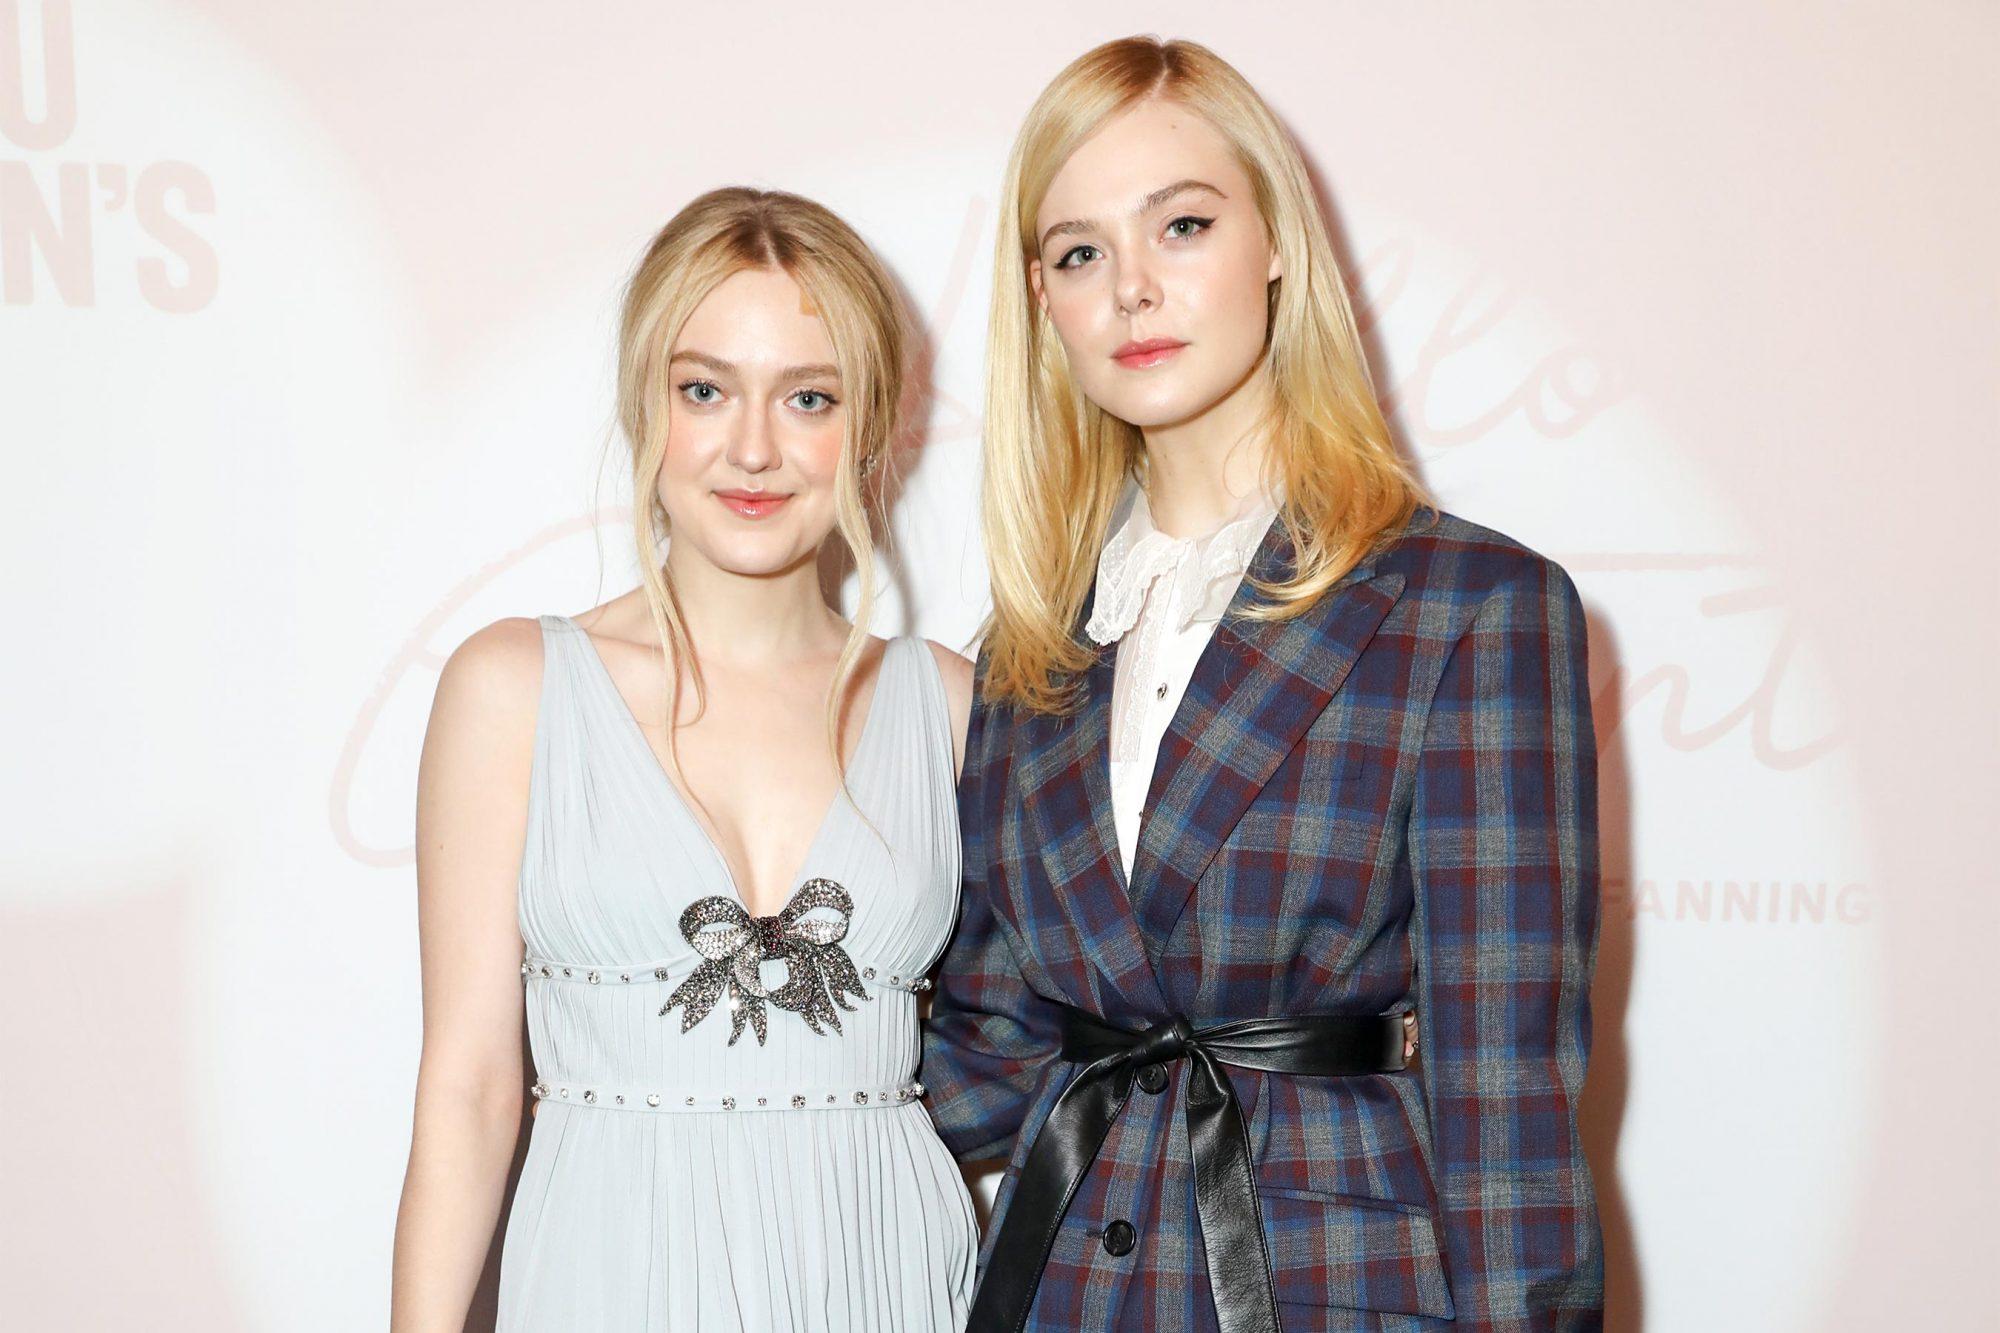 Dakota i Elle Fanning zagrają główne role w